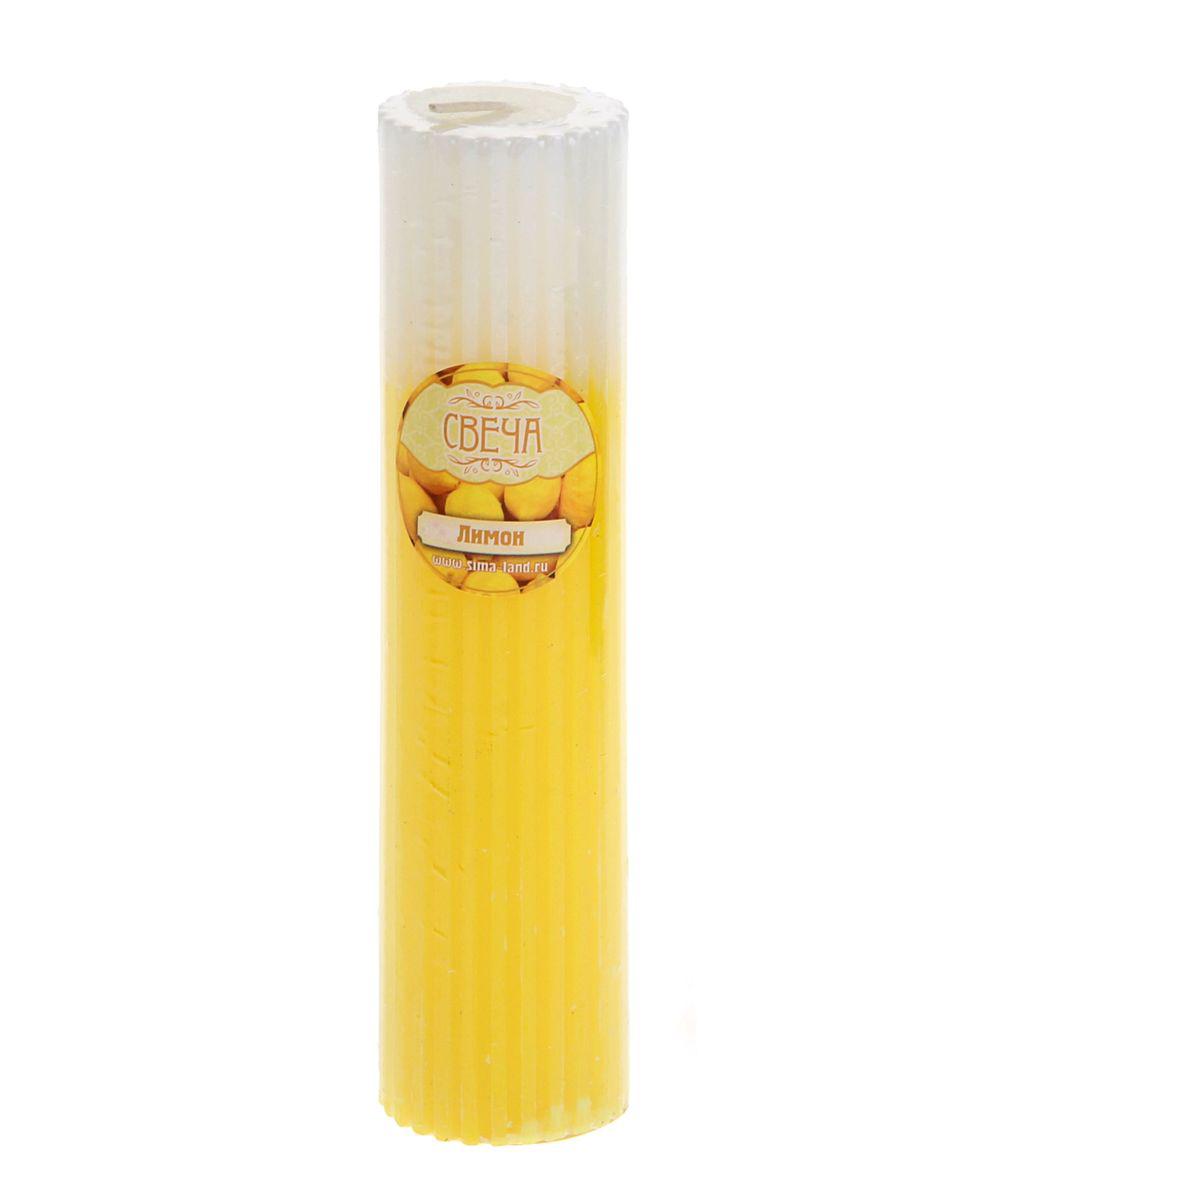 Свеча ароматизированная Sima-land Лимон, высота 15 см свеча ароматизированная sima land шиповник высота 7 5 см 907667